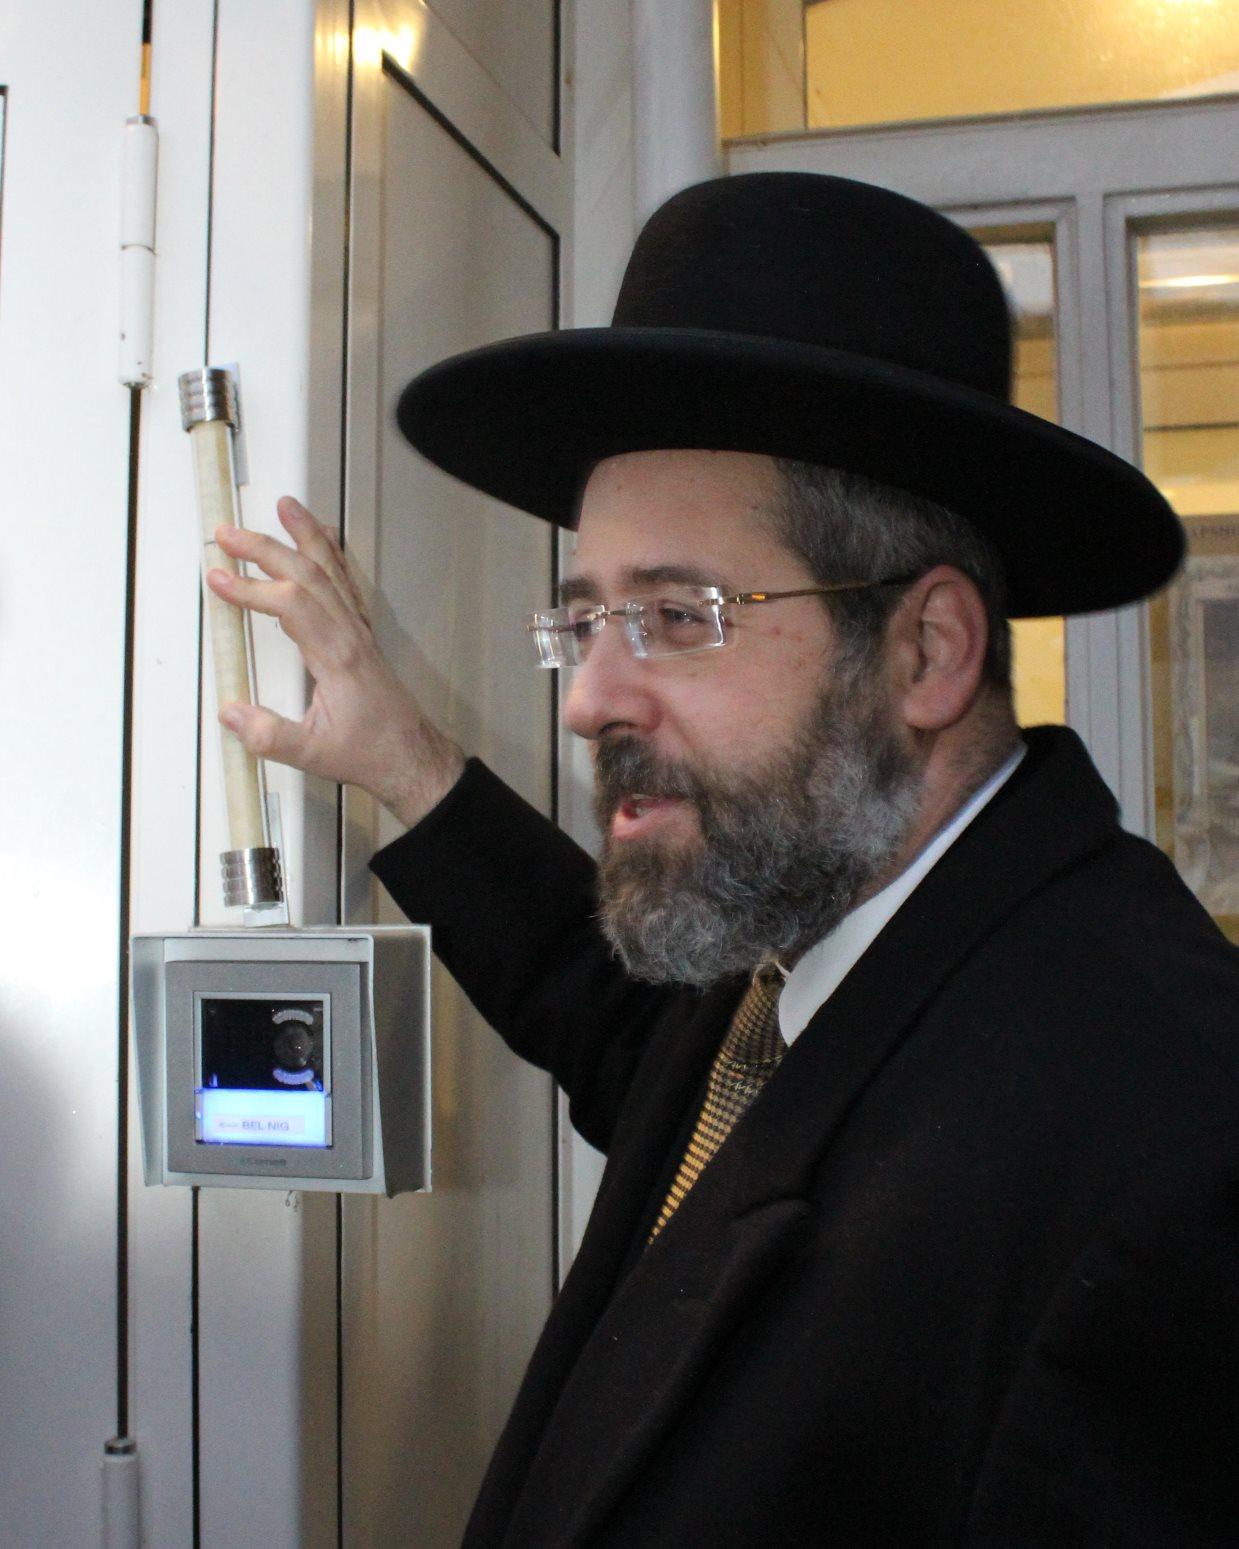 sephardic żydowski serwis randkowytreść profilu witryny randkowej